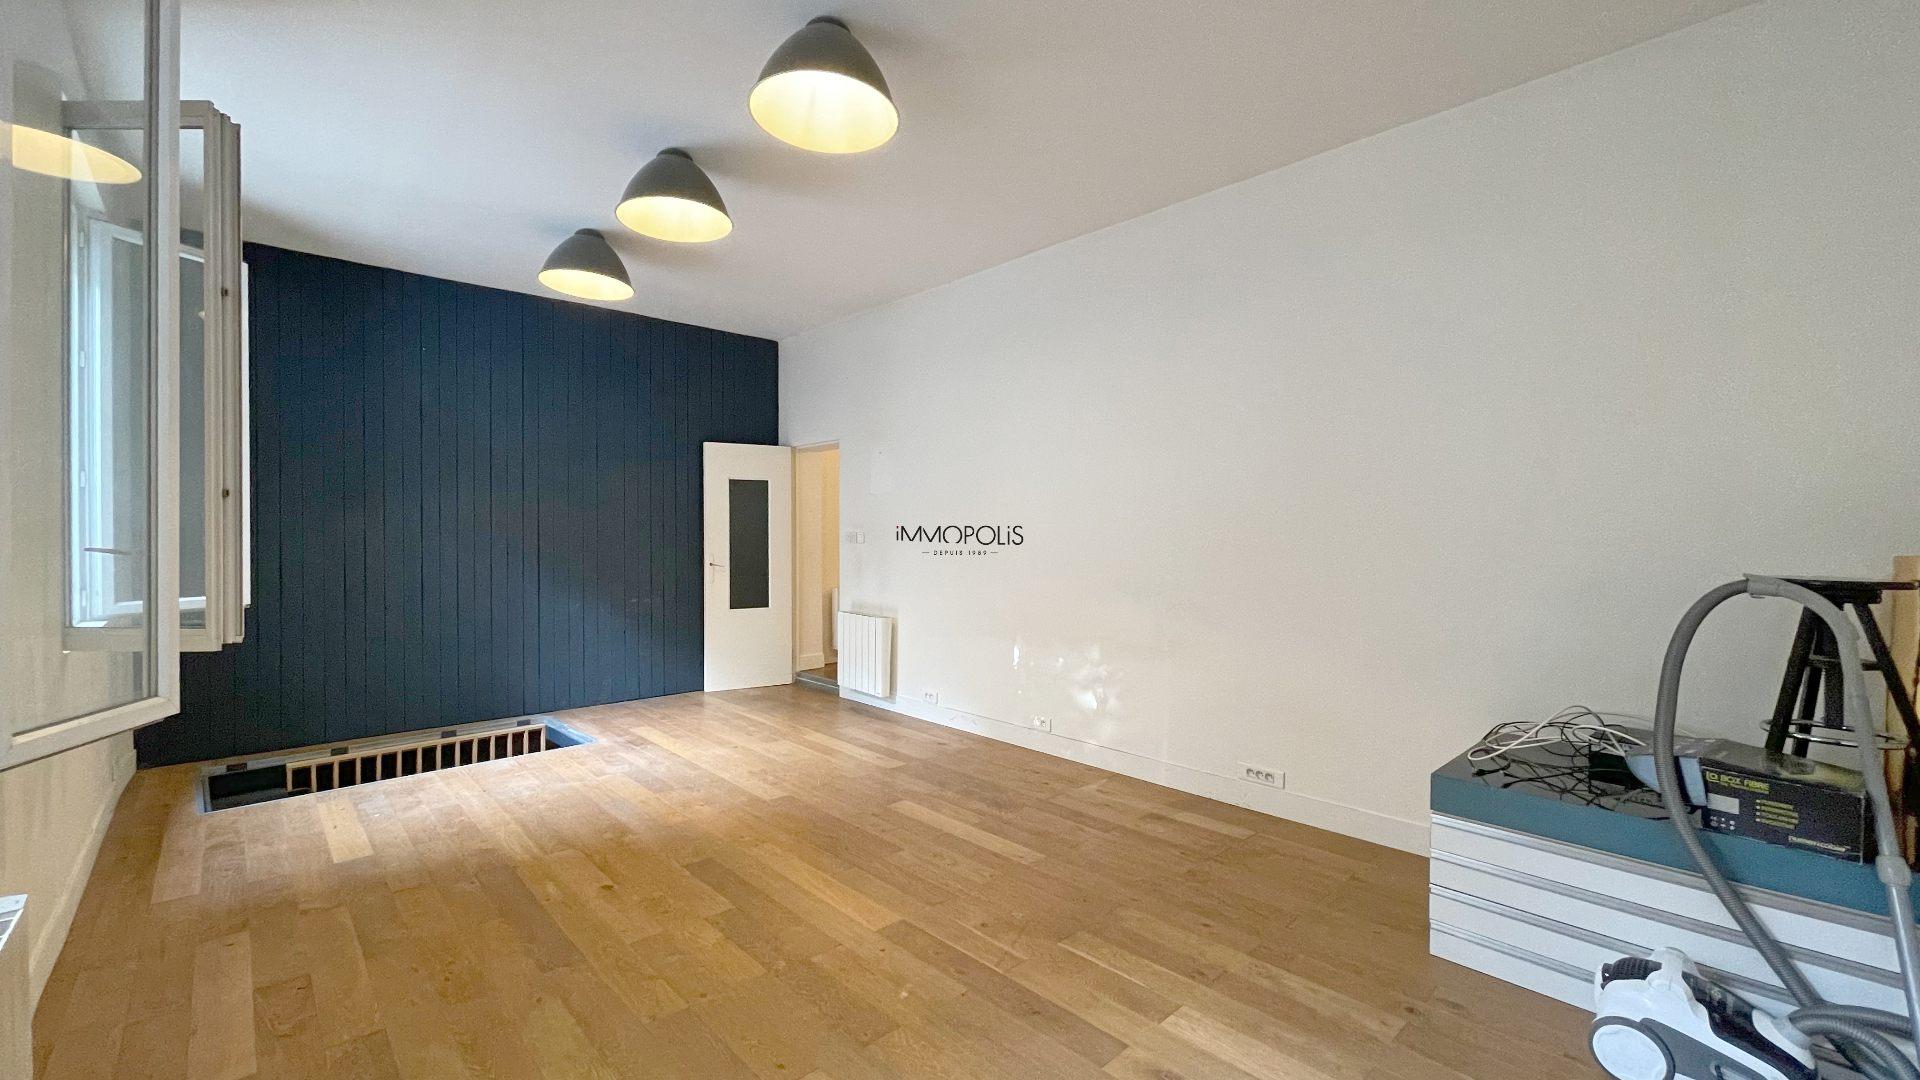 Saint Ouen, district Michelet / Dr. Bauer, in Rue Arboraée Quiet, magnificent souplex «like a house» 3